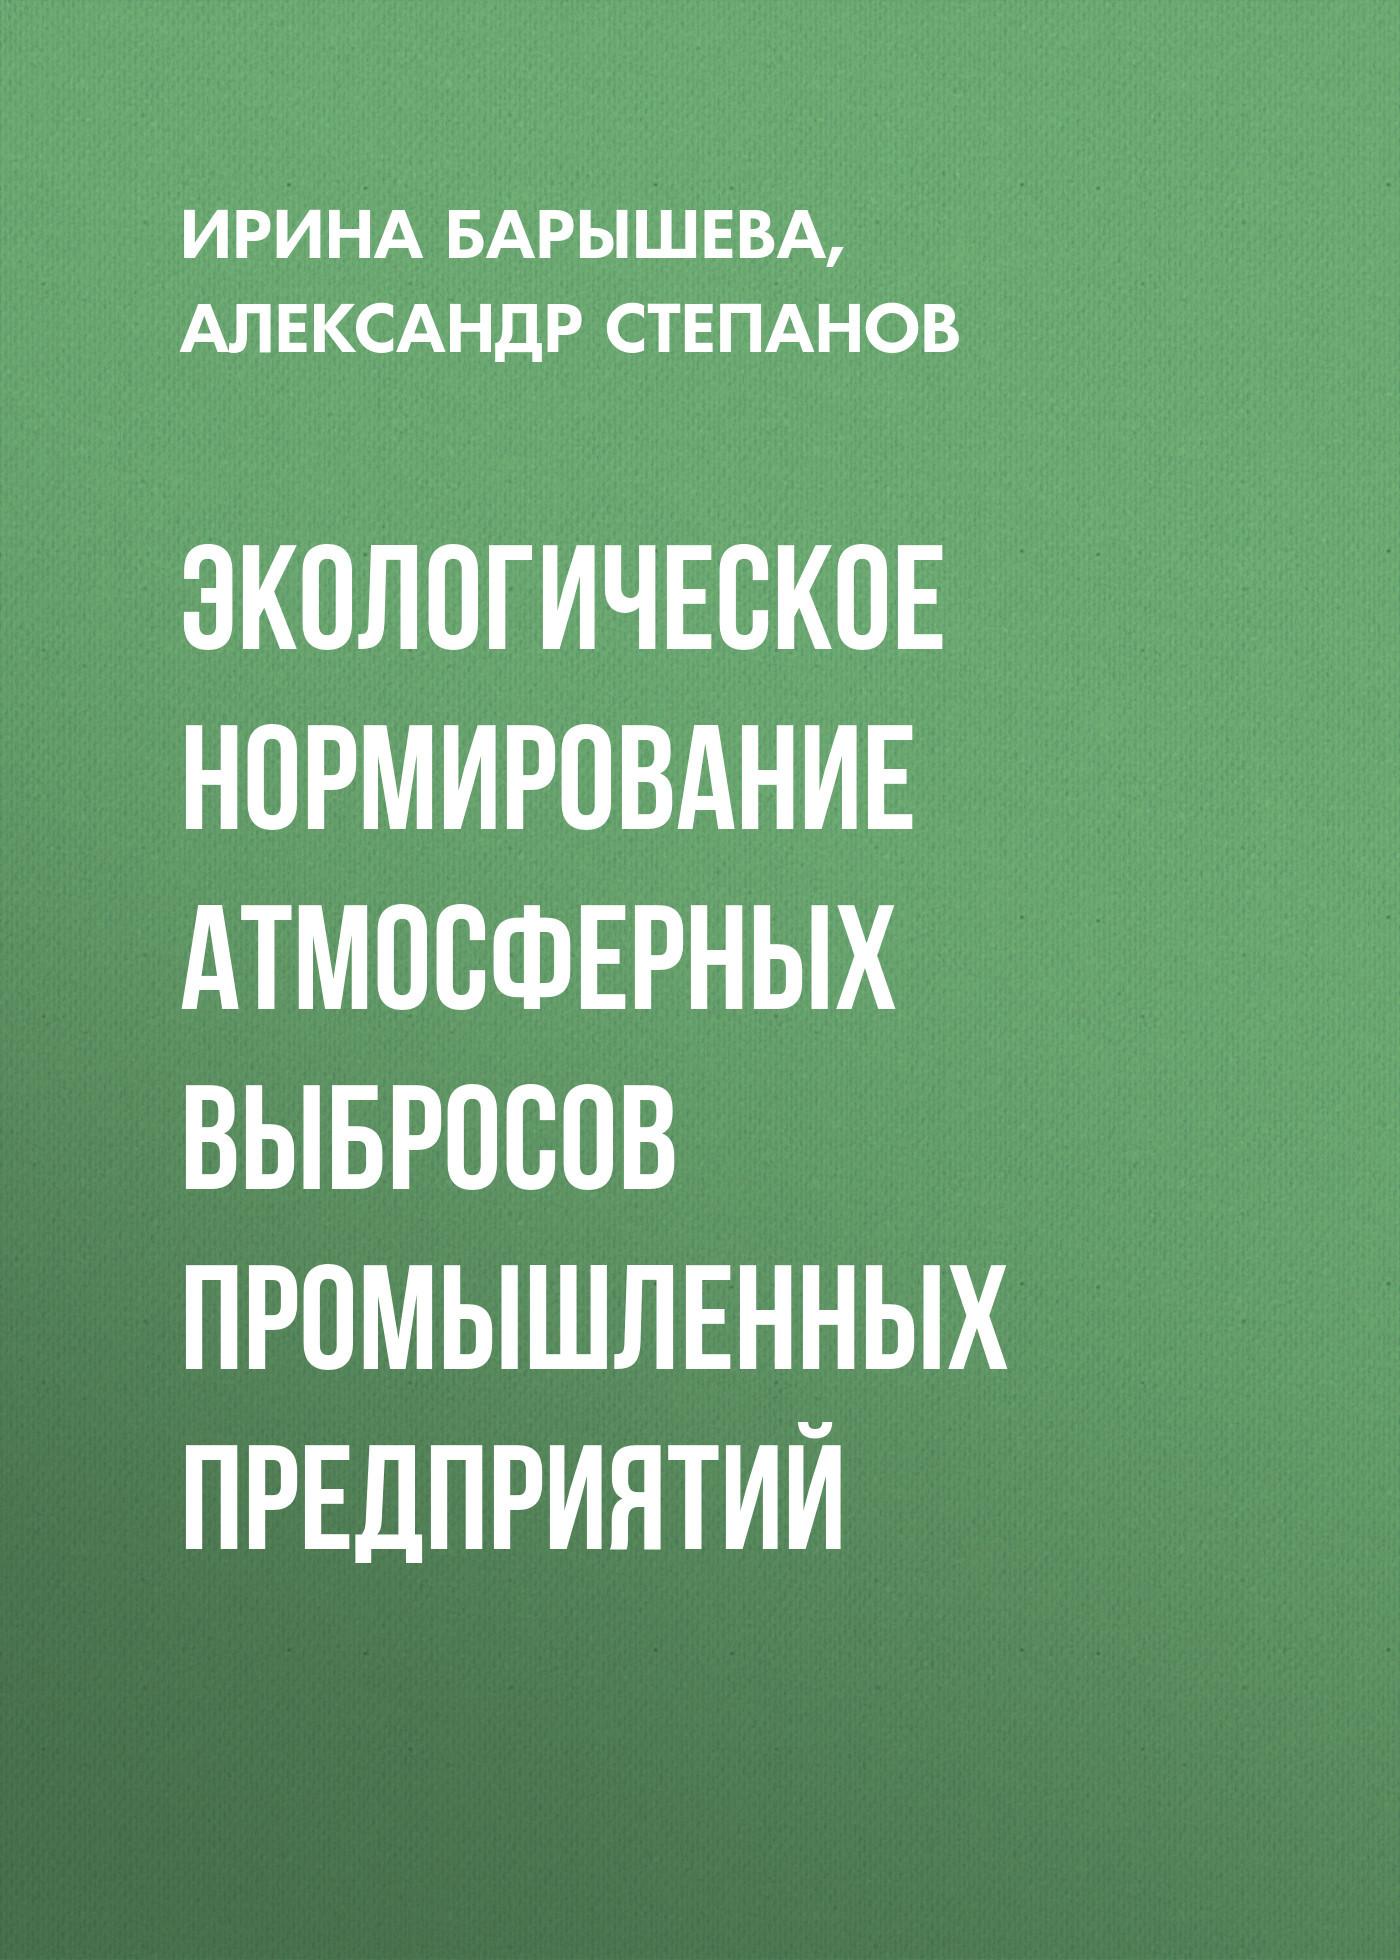 Ирина Барышева Экологическое нормирование атмосферных выбросов промышленных предприятий